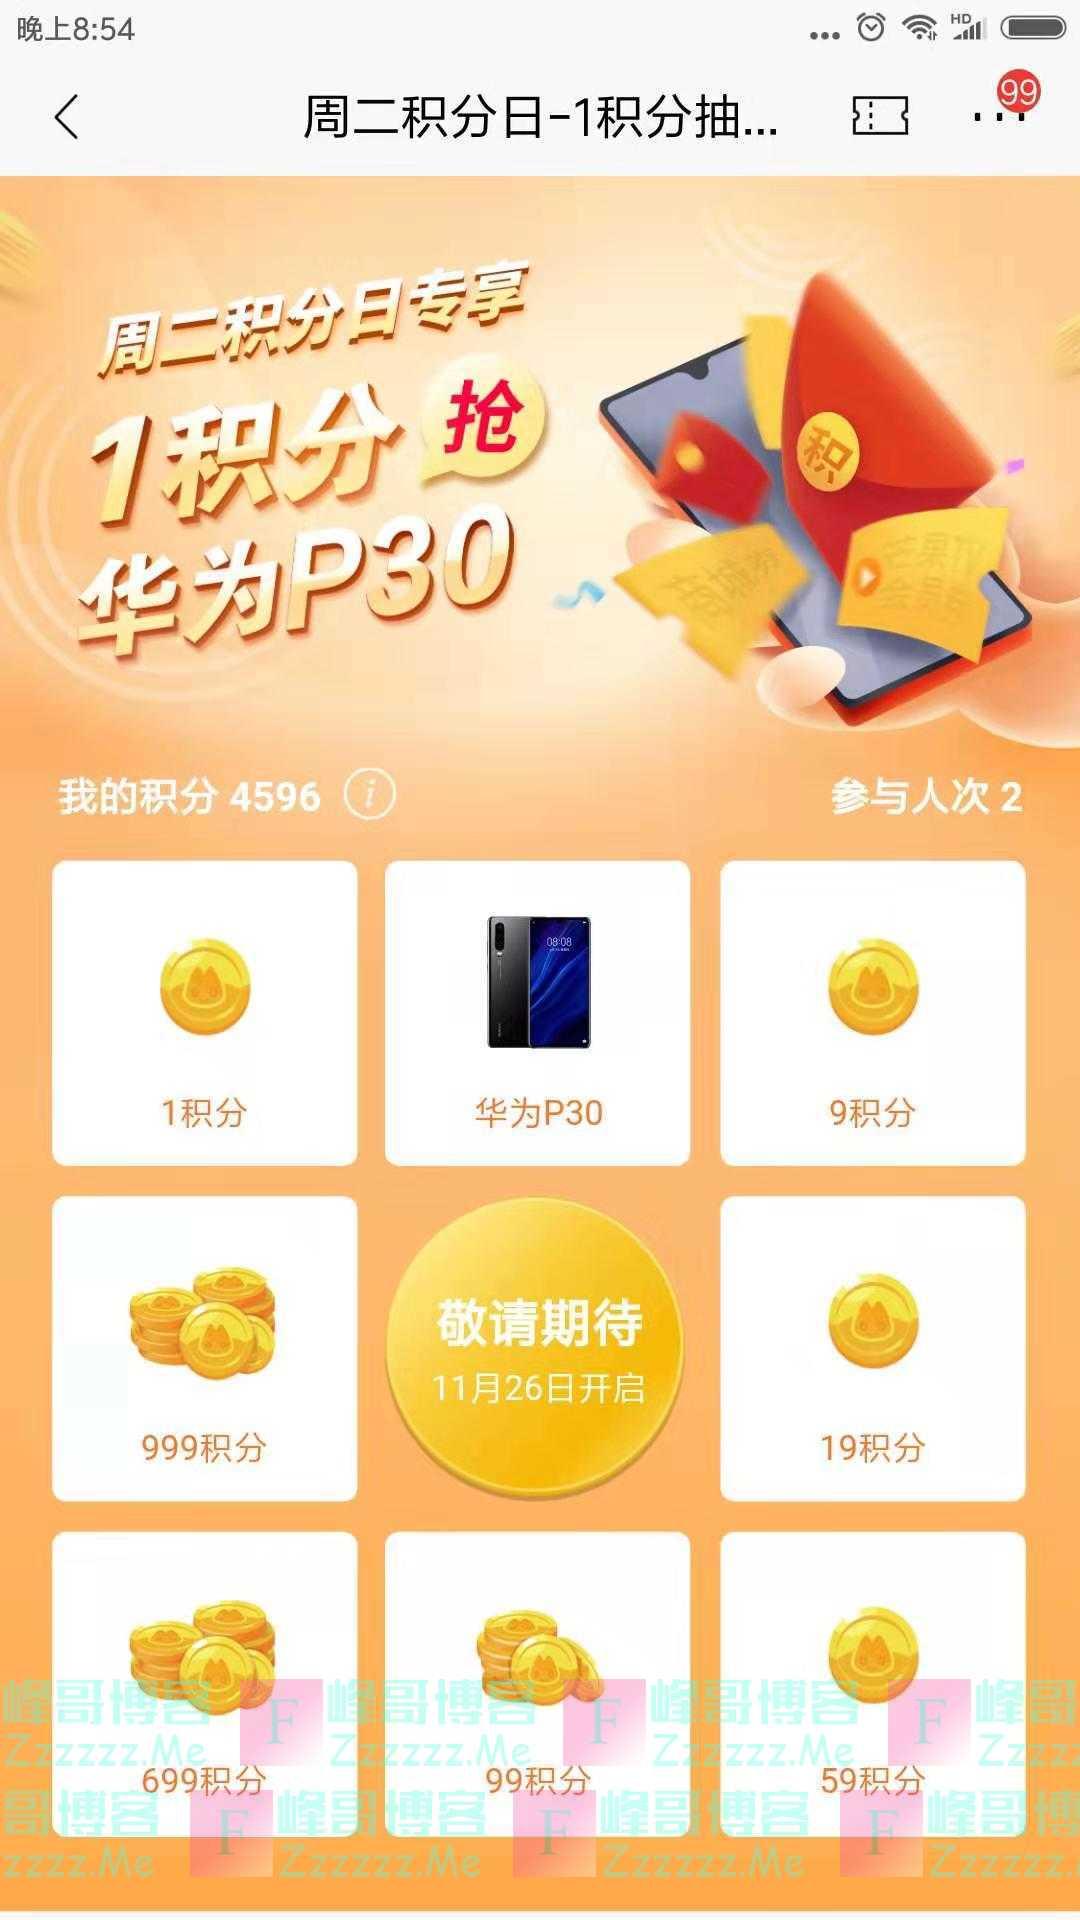 招行积分日抽华为手机(截止11月26日)